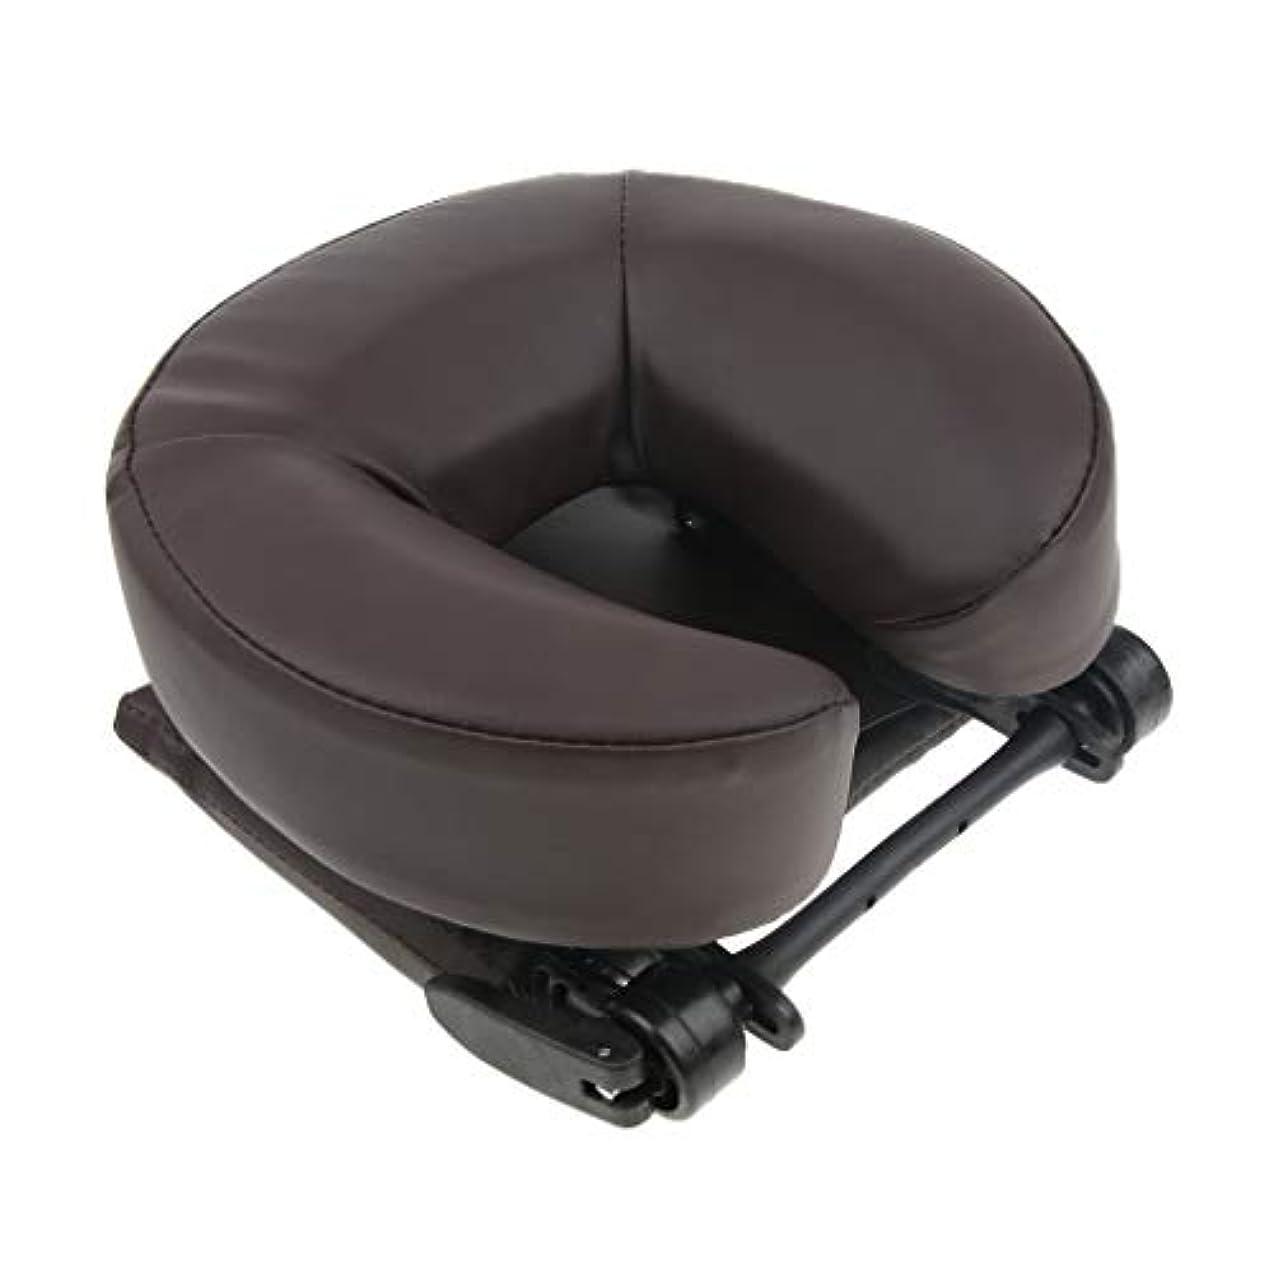 変色するチーター実験室D DOLITY マッサージ用クッション ネックピロー 携帯枕 首枕 顔枕 寝枕 首枕 洗濯可能なカバー 2色選ぶ - コーヒー